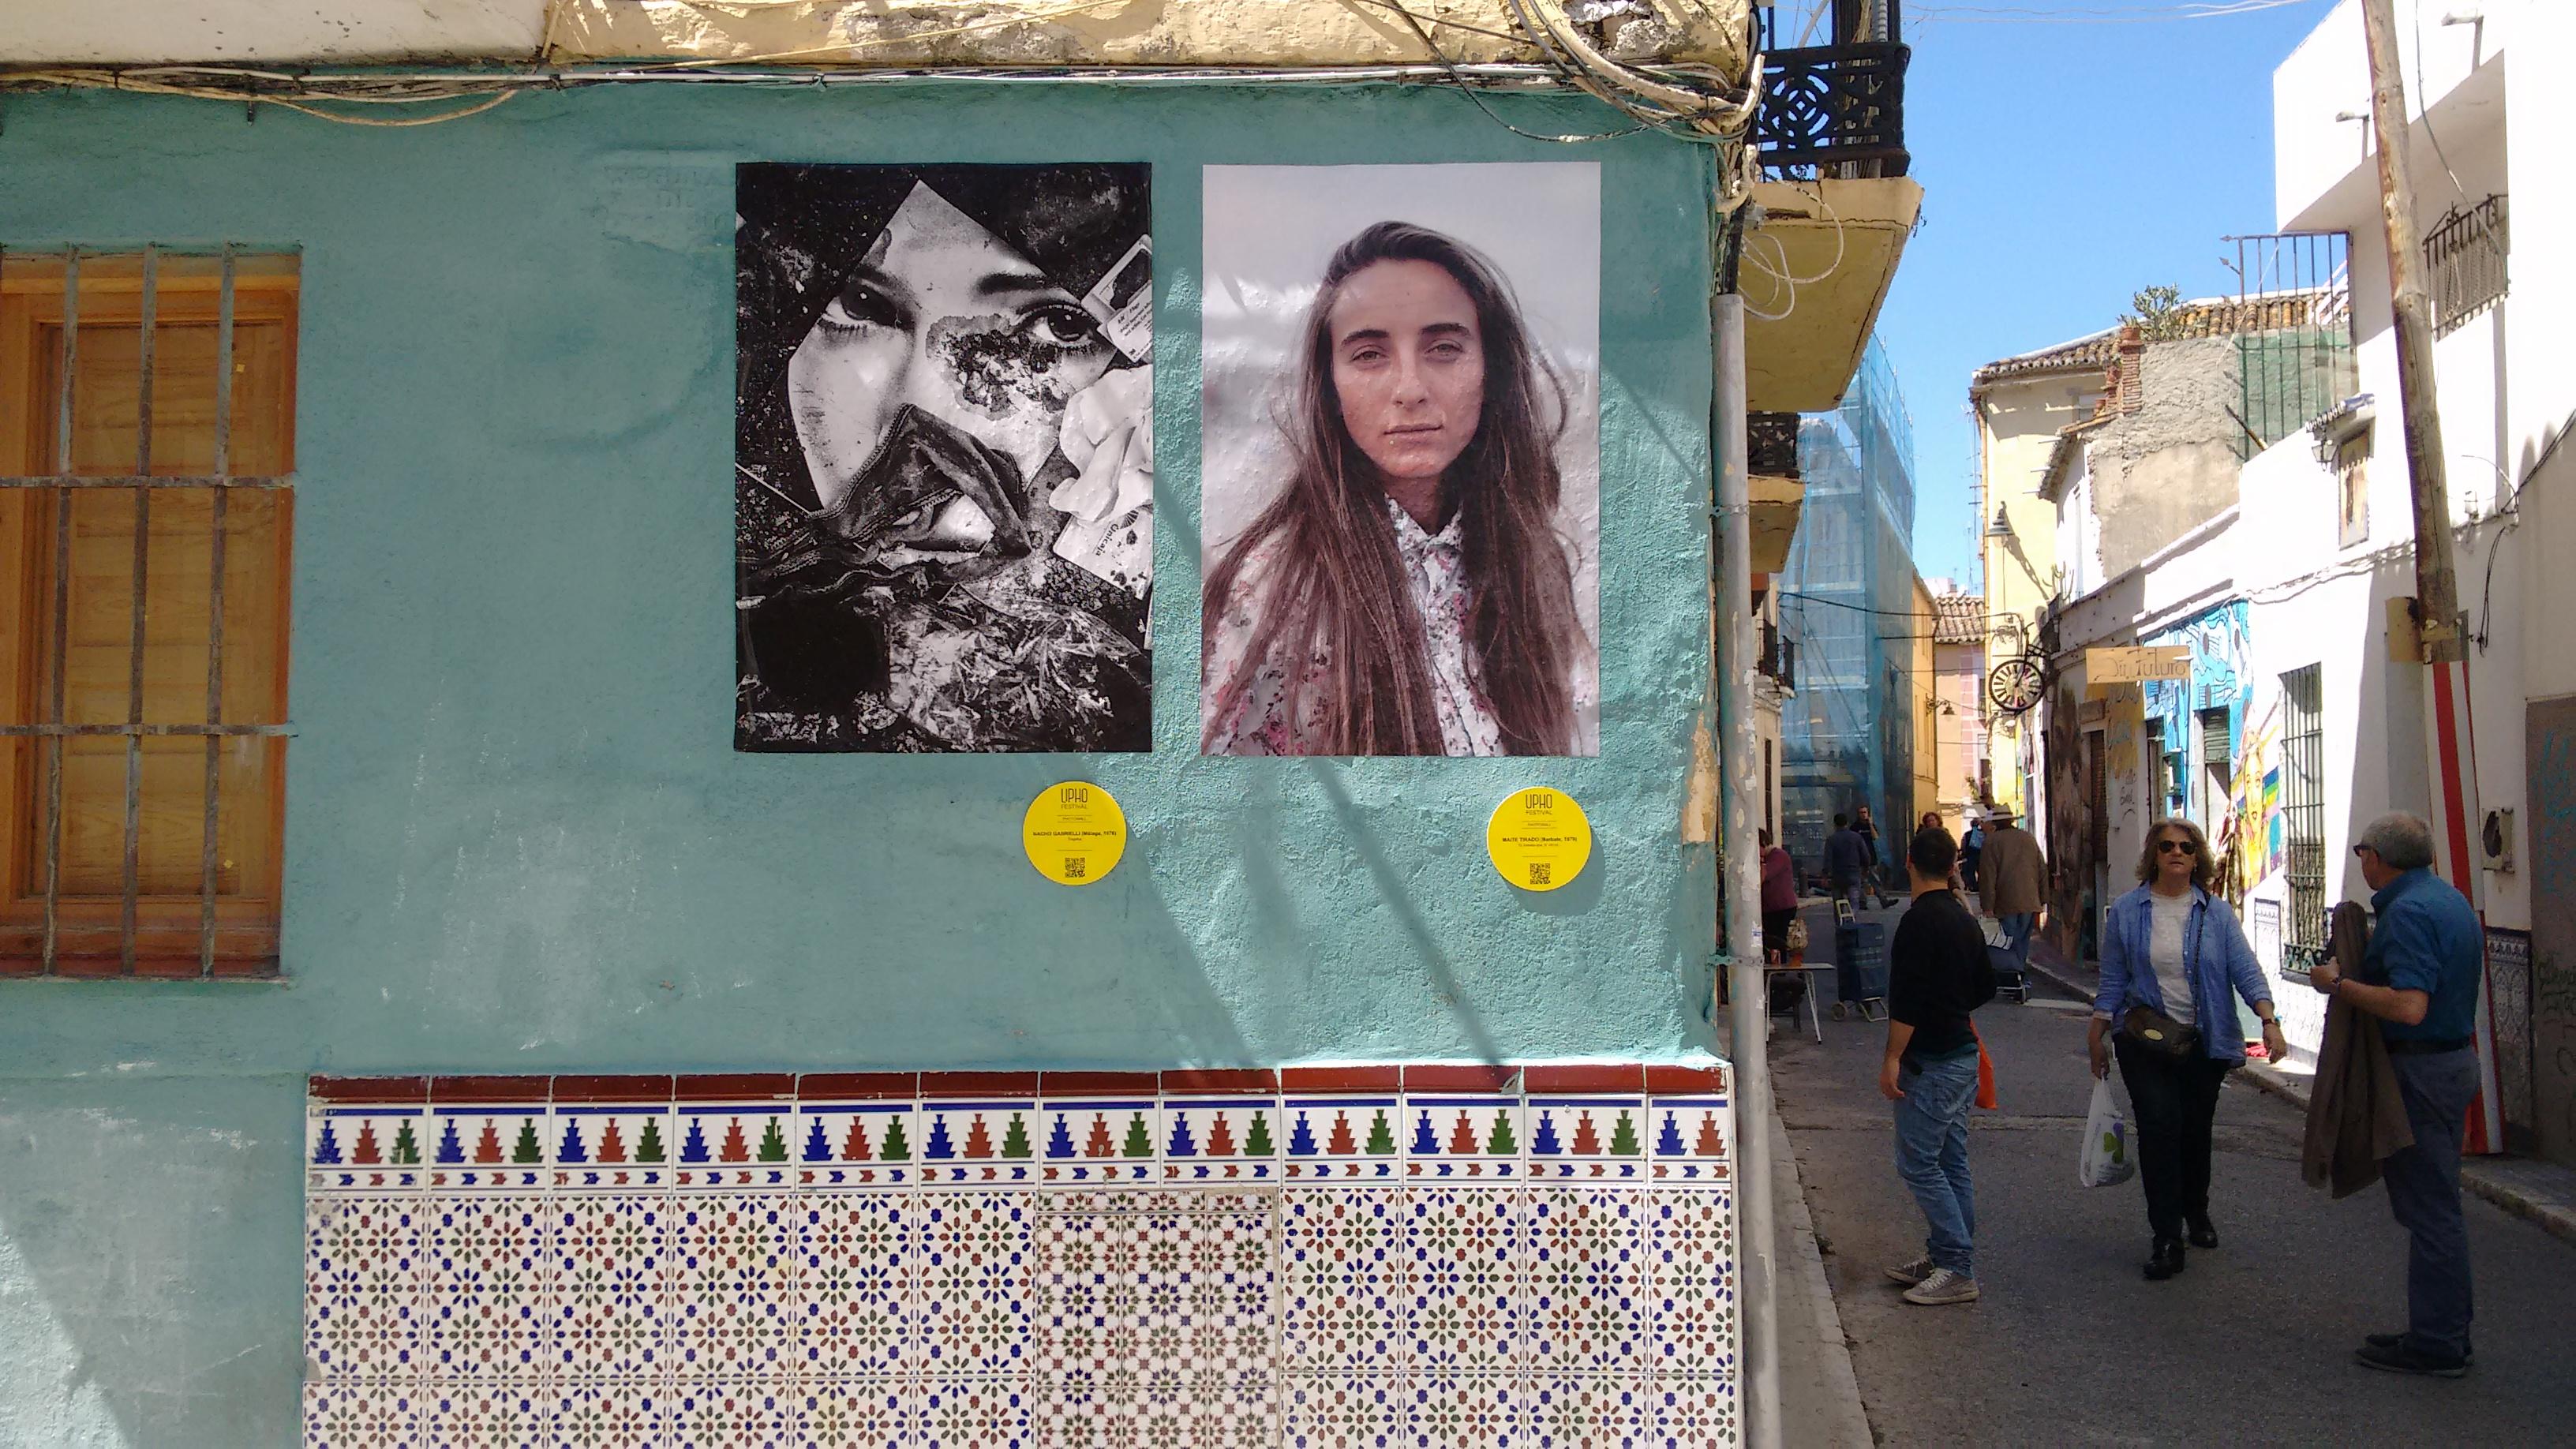 Immagine UPHO FESTIVAL 2016 a Malaga 2